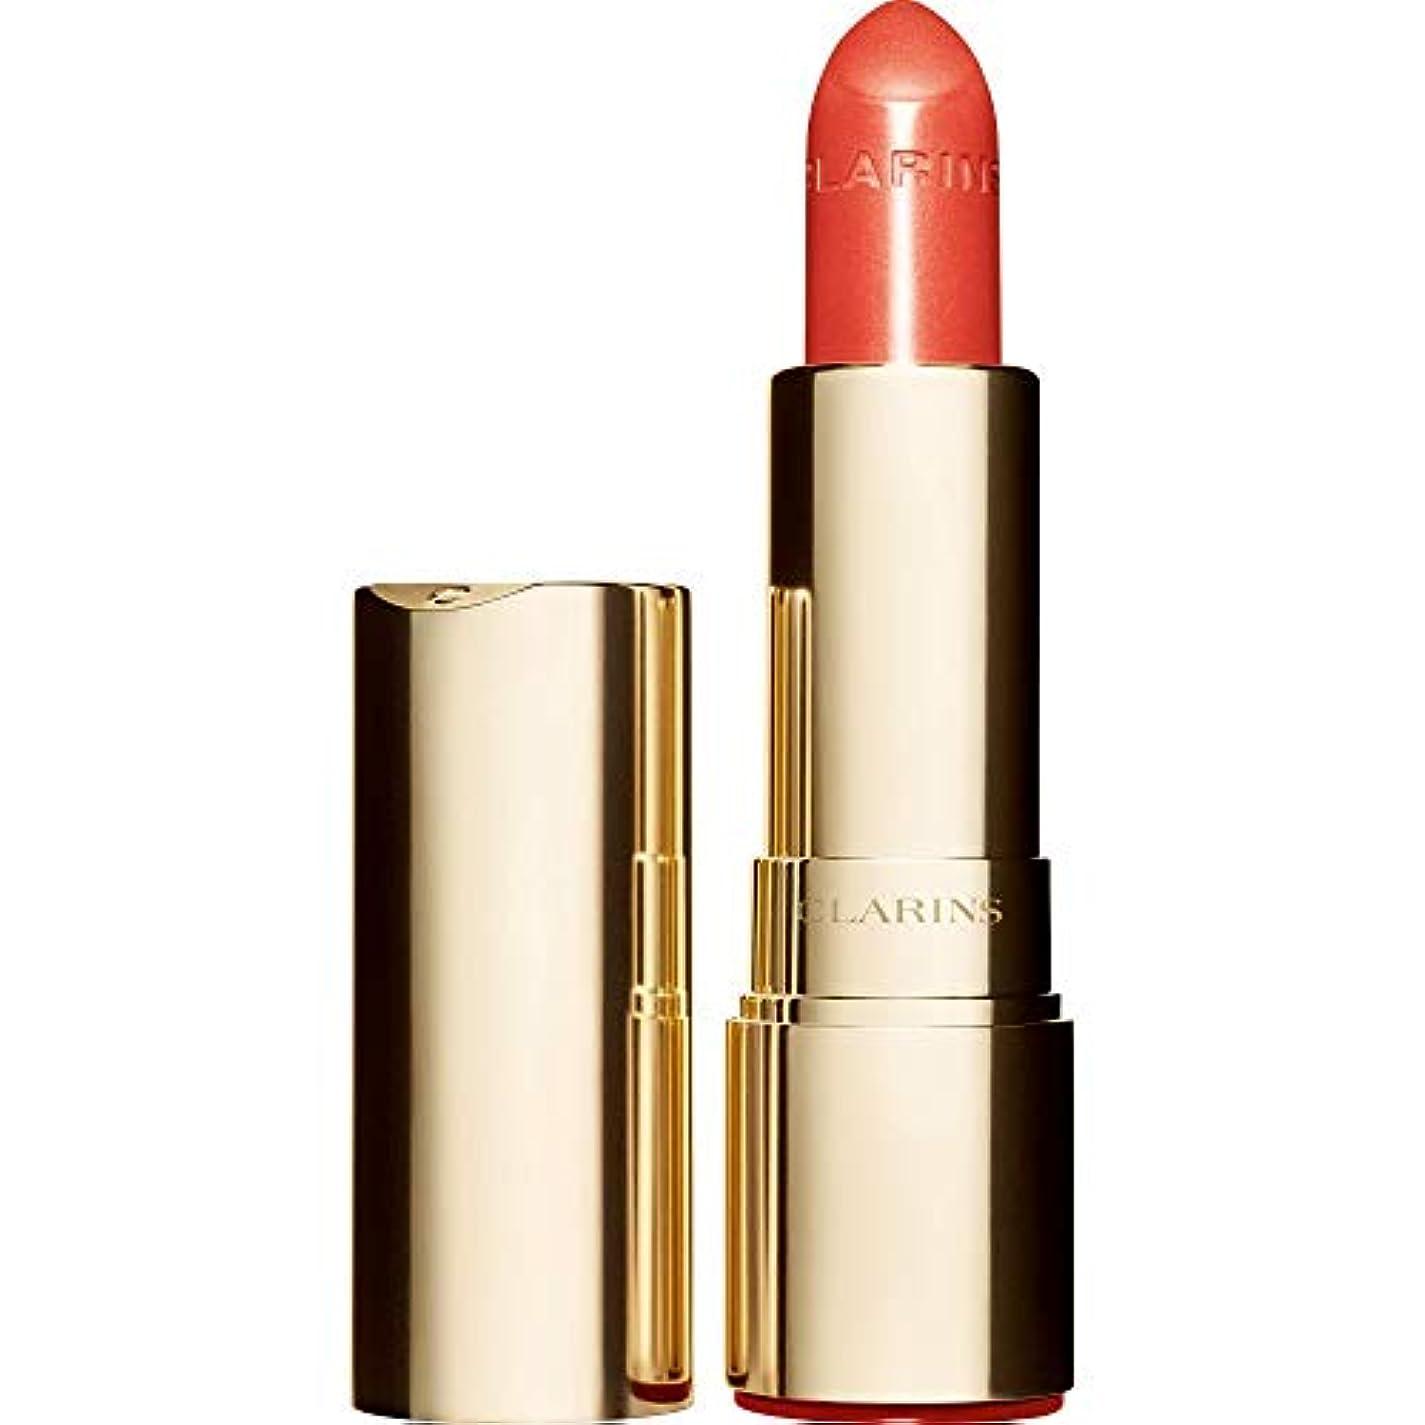 胃知的遠近法[Clarins ] クラランスジョリルージュブリリアント口紅3.5グラムの711S - パパイヤ - Clarins Joli Rouge Brillant Lipstick 3.5g 711S - Papaya [並行輸入品]